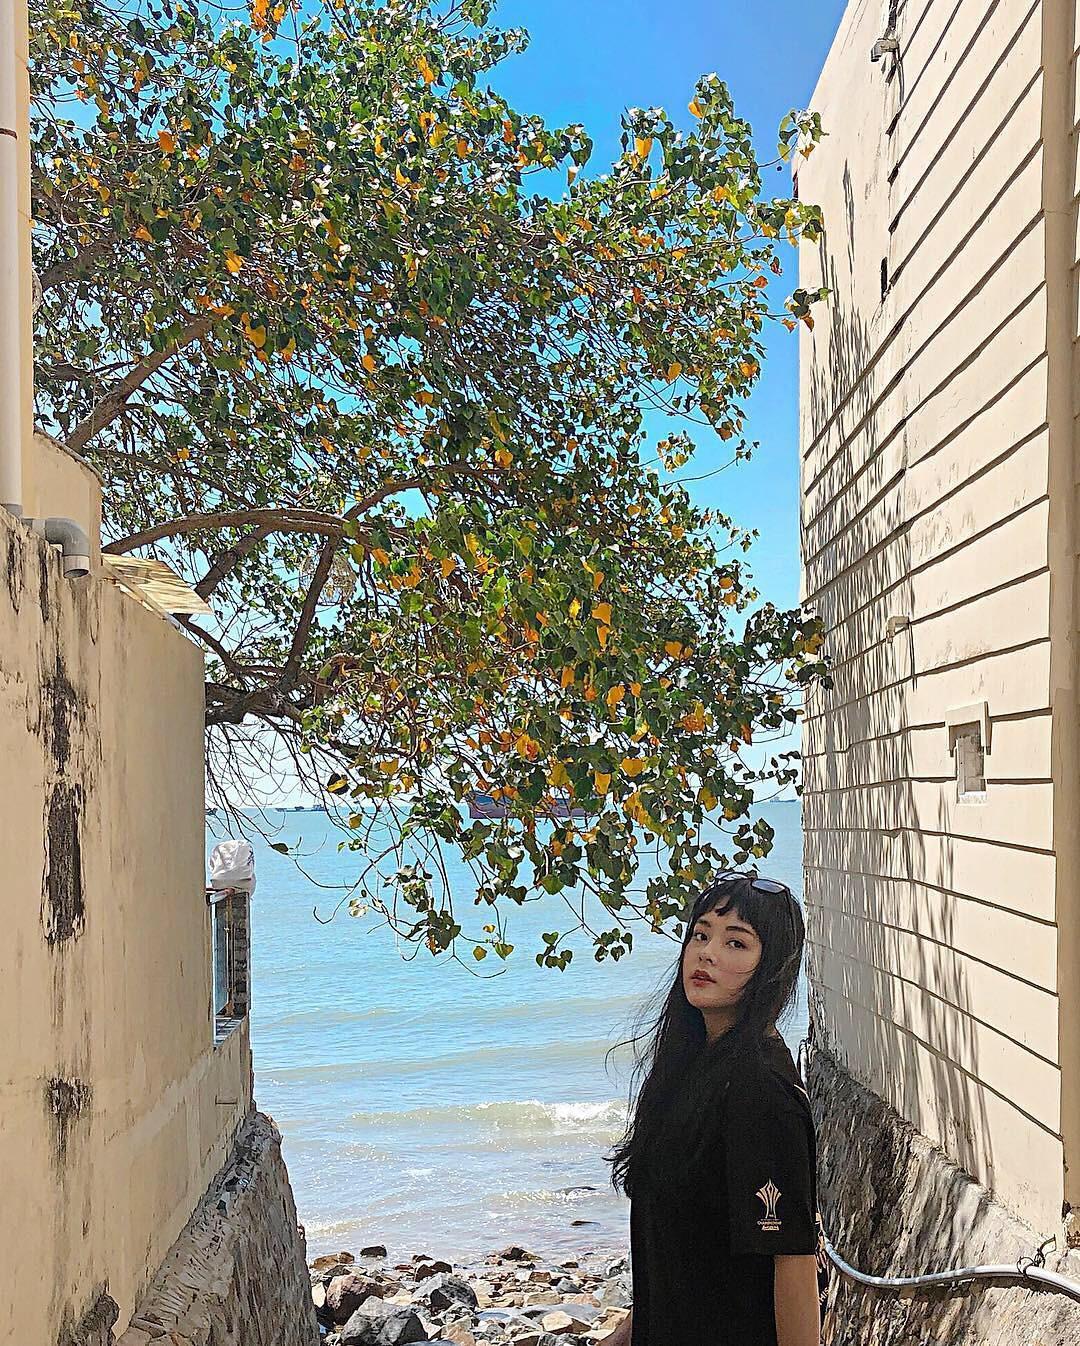 Con hẻm sống ảo tại Vũng Tàu đang là địa điểm được giới trẻ check-in rần rần trên Instagram - Ảnh 14.